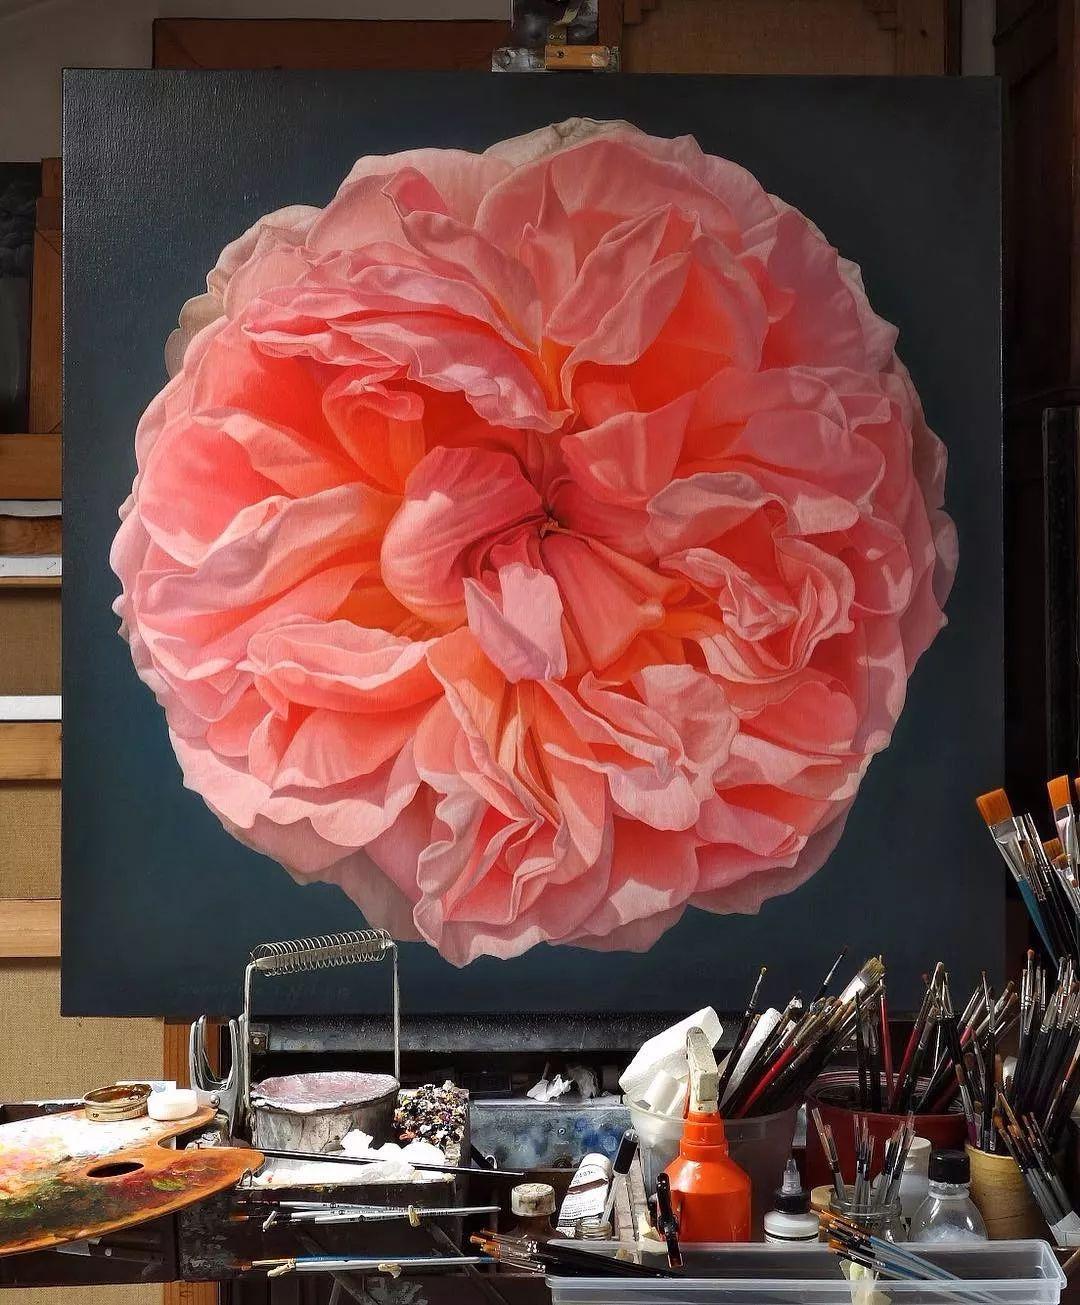 他用一块画布,就能将其变成一个露珠覆盖的玫瑰花园插图27